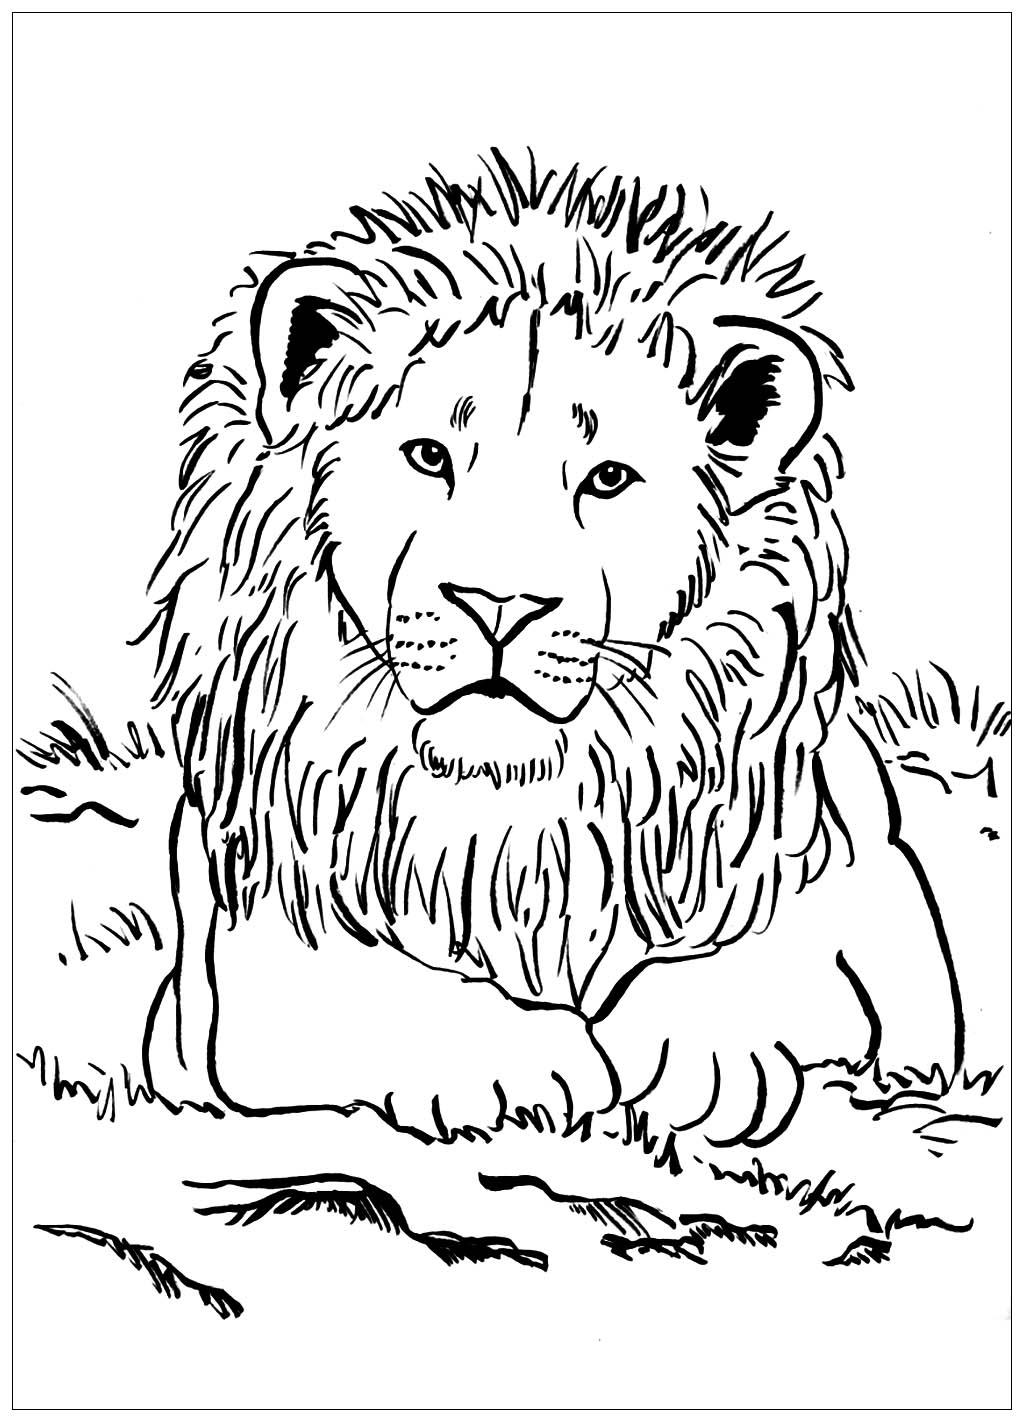 Lion allongé - Coloriage de lions - Coloriages pour enfants